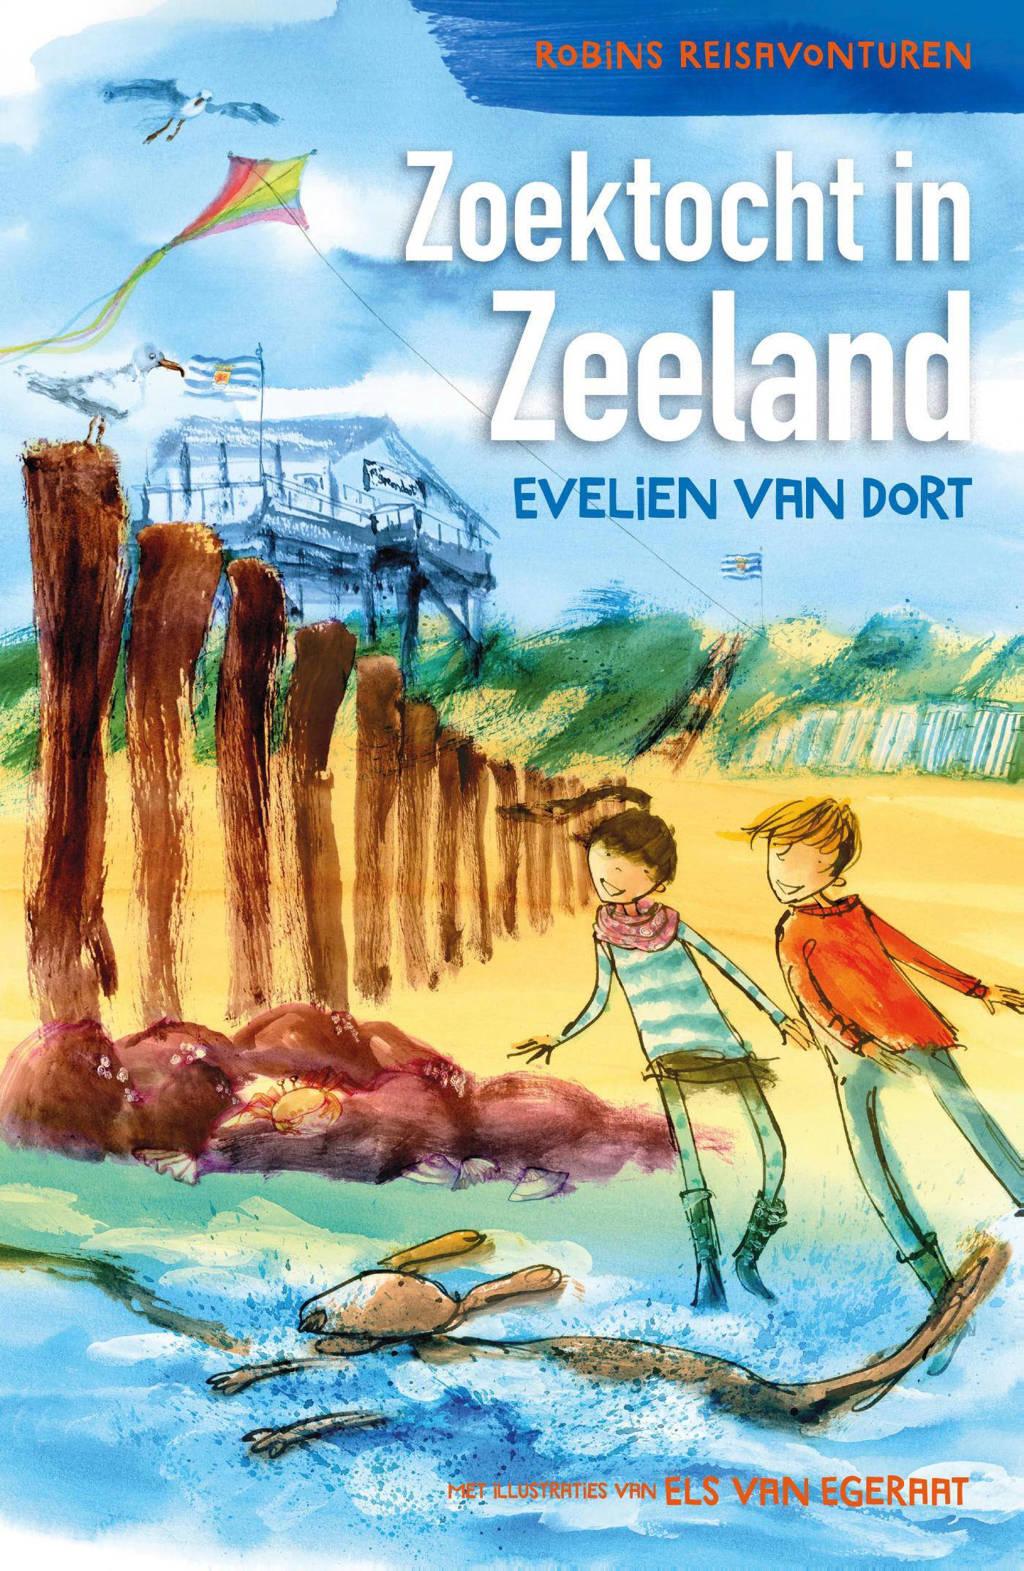 Robin's reisavonturen: Zoektocht in Zeeland - Evelien van Dort